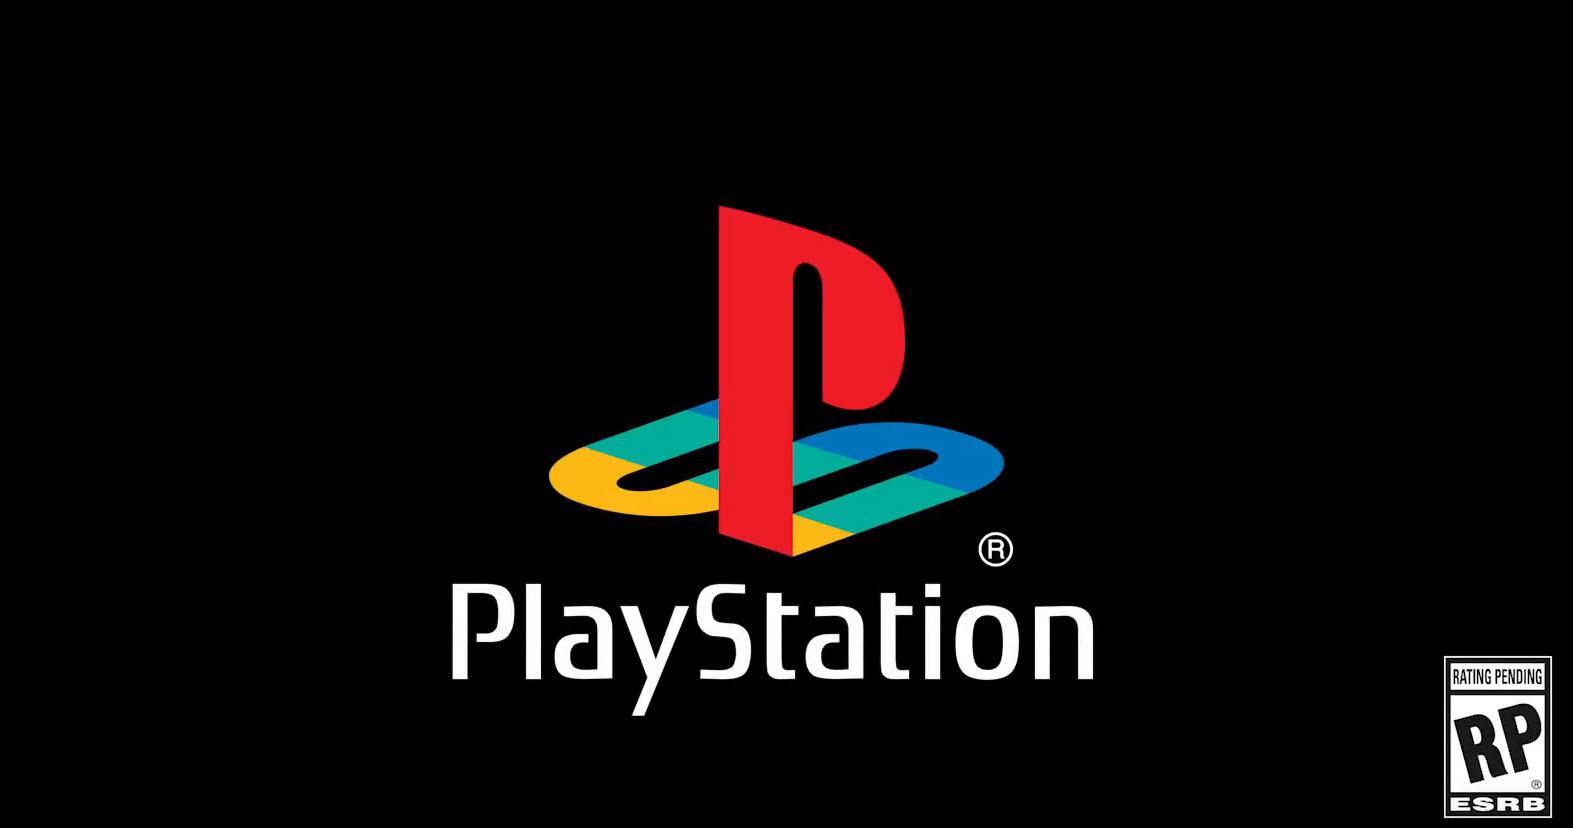 2018 09 19 14 10 13 เอาใจวัยเก๋า!!โซนี่เตรียมเปิดขาย PlayStation Classic แถมเกมส์ดัง 20เกมส์มีพอต HDMI ให้ใช้งานอีกด้วย